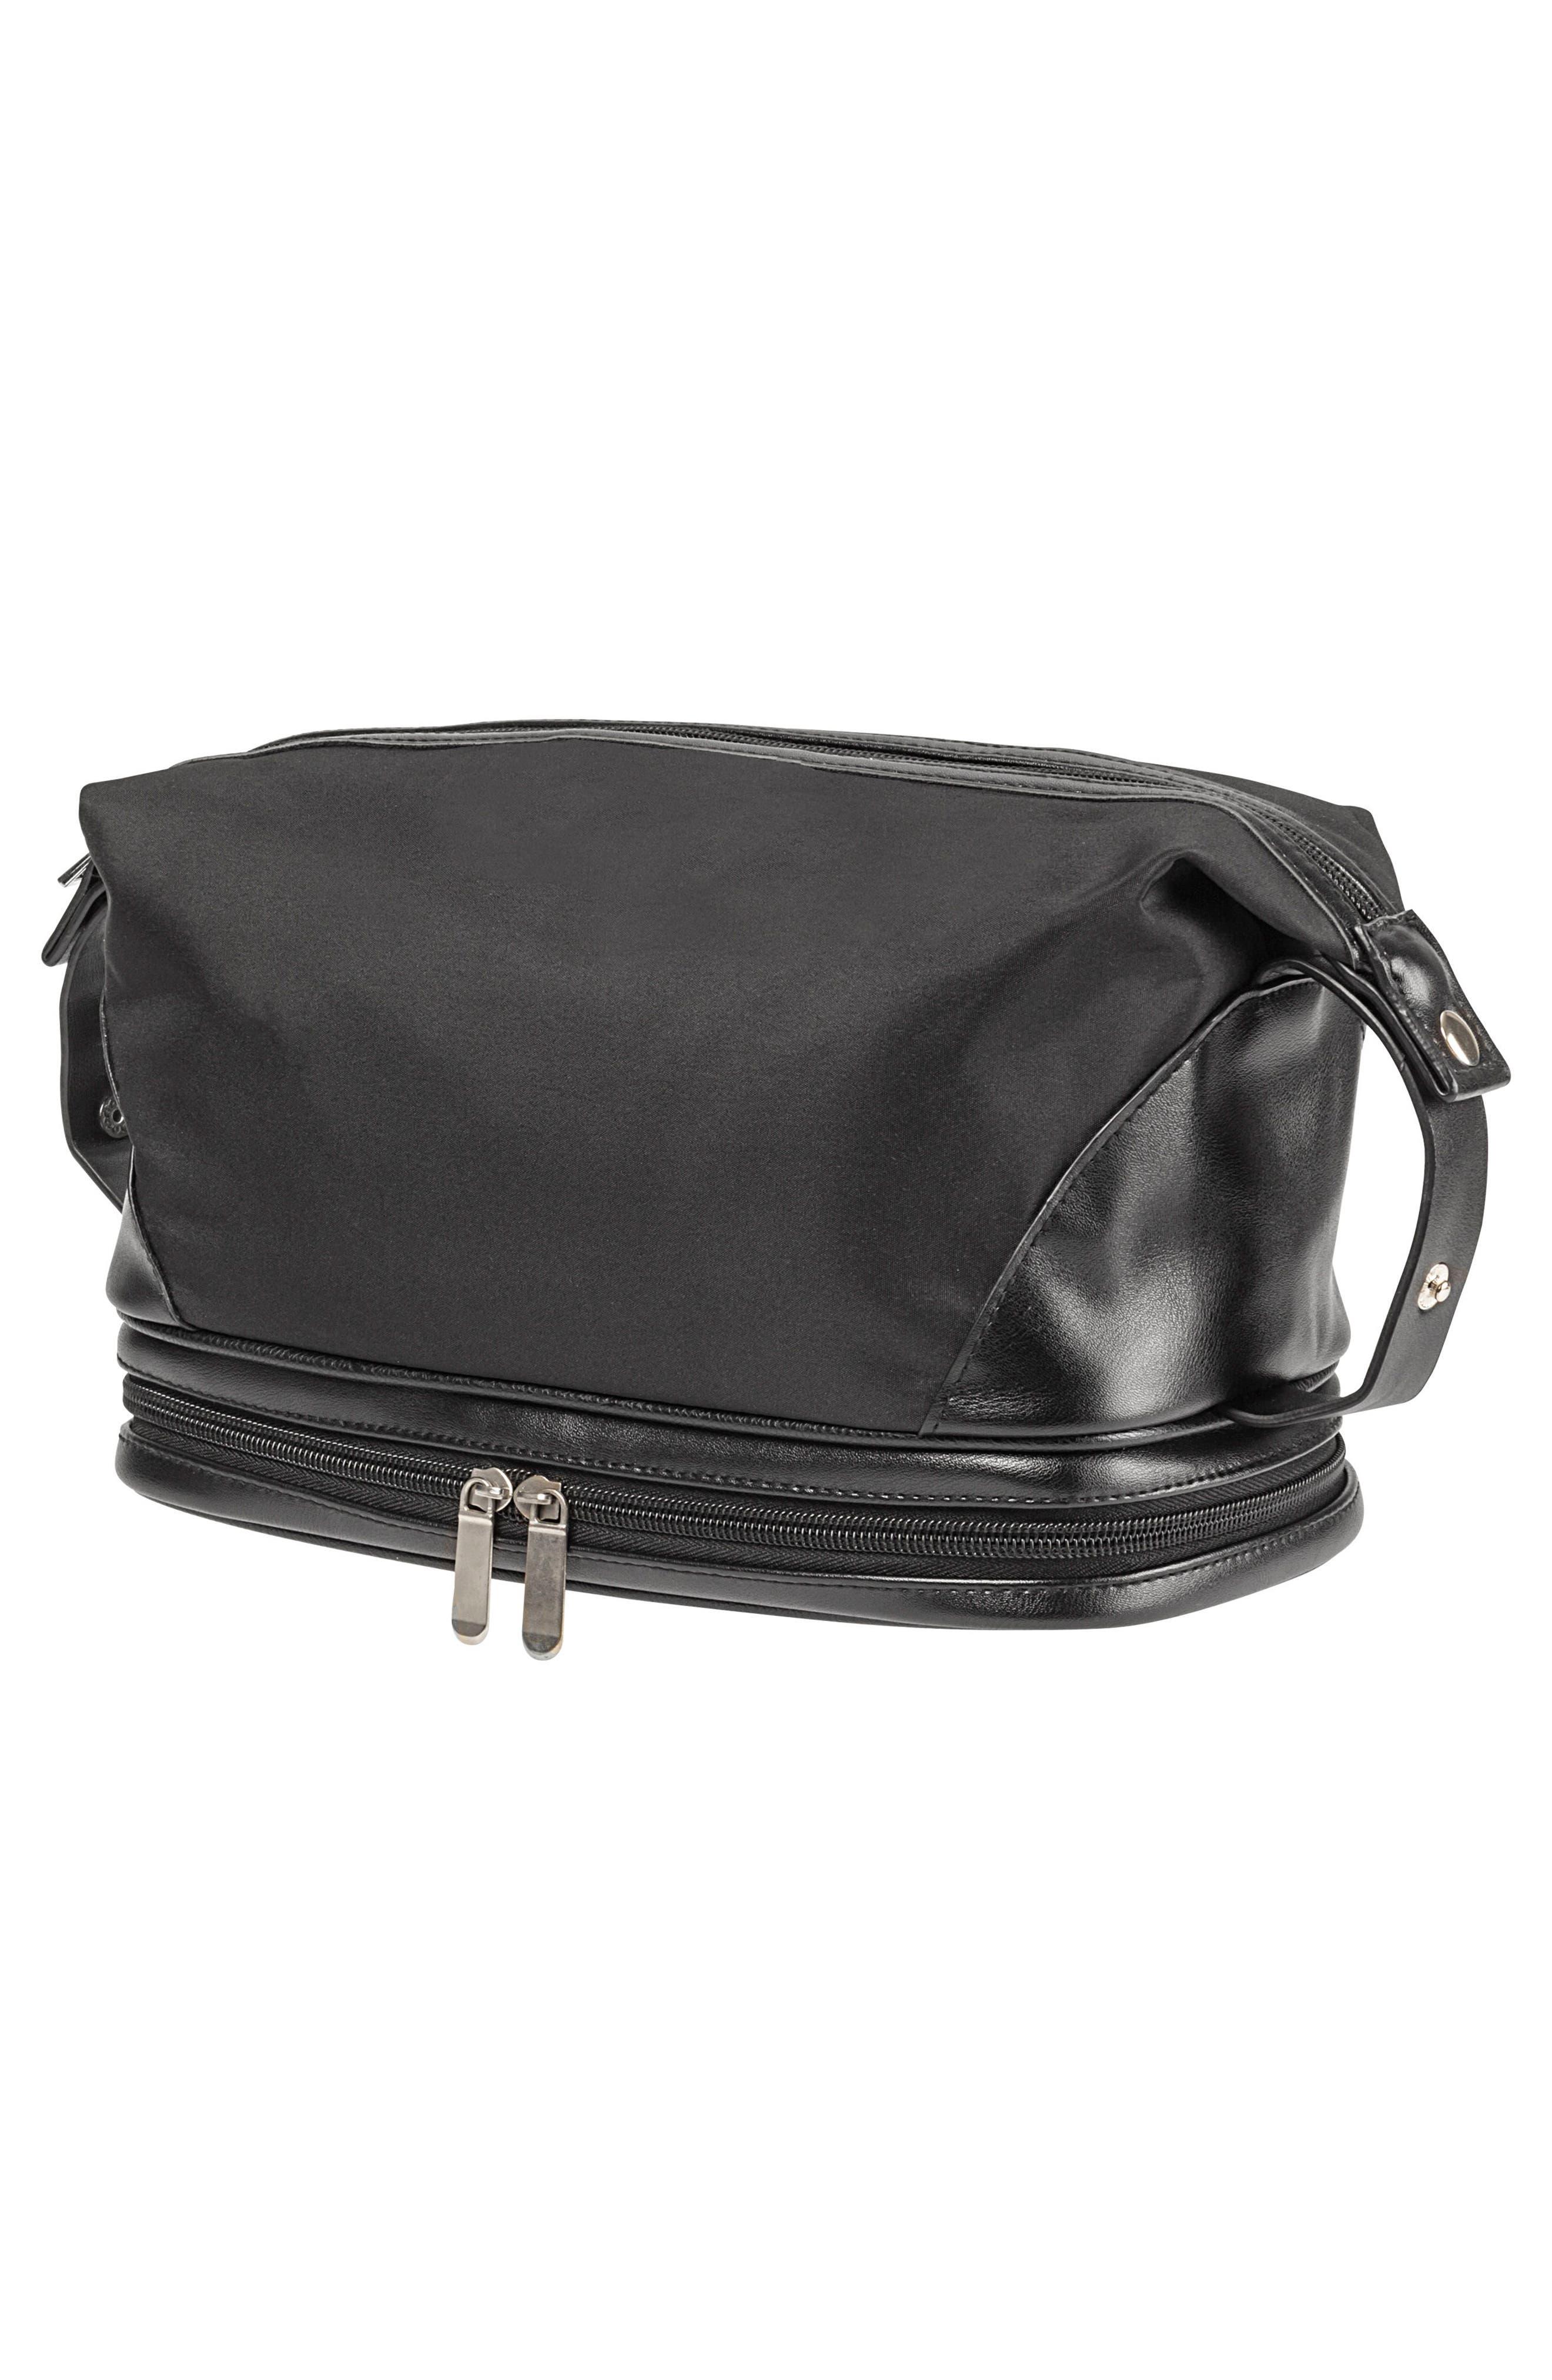 Monogram Toiletry Bag,                         Main,                         color, BLACK